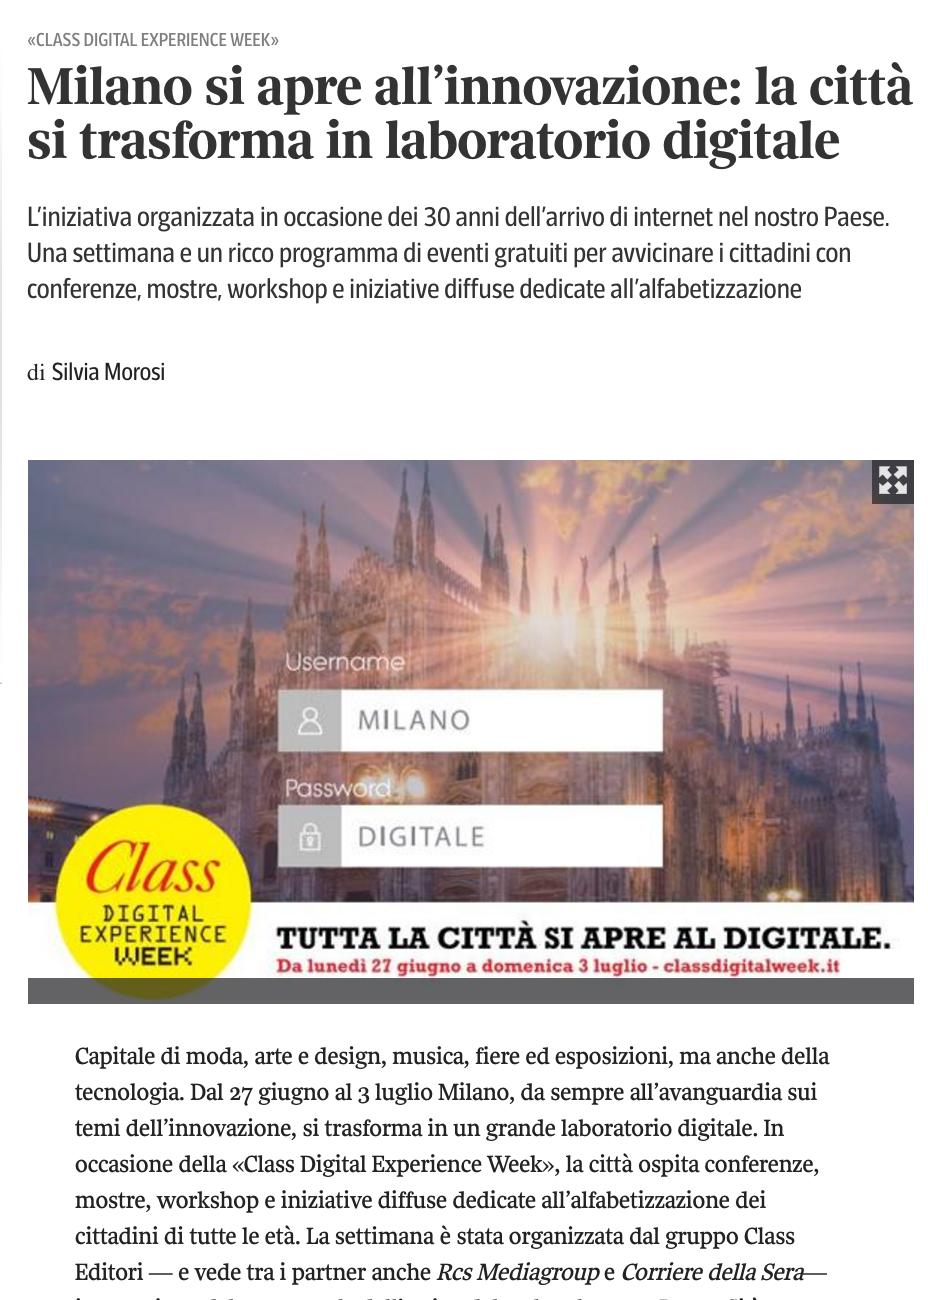 http://www.corriere.it/tecnologia/16_giugno_24/milano-si-apre-all-innovazione-citta-si-trasforma-laboratorio-digitale-class-digital-experience-week-7457c3d4-39cf-11e6-b0cd-400401d1dfdf.shtml